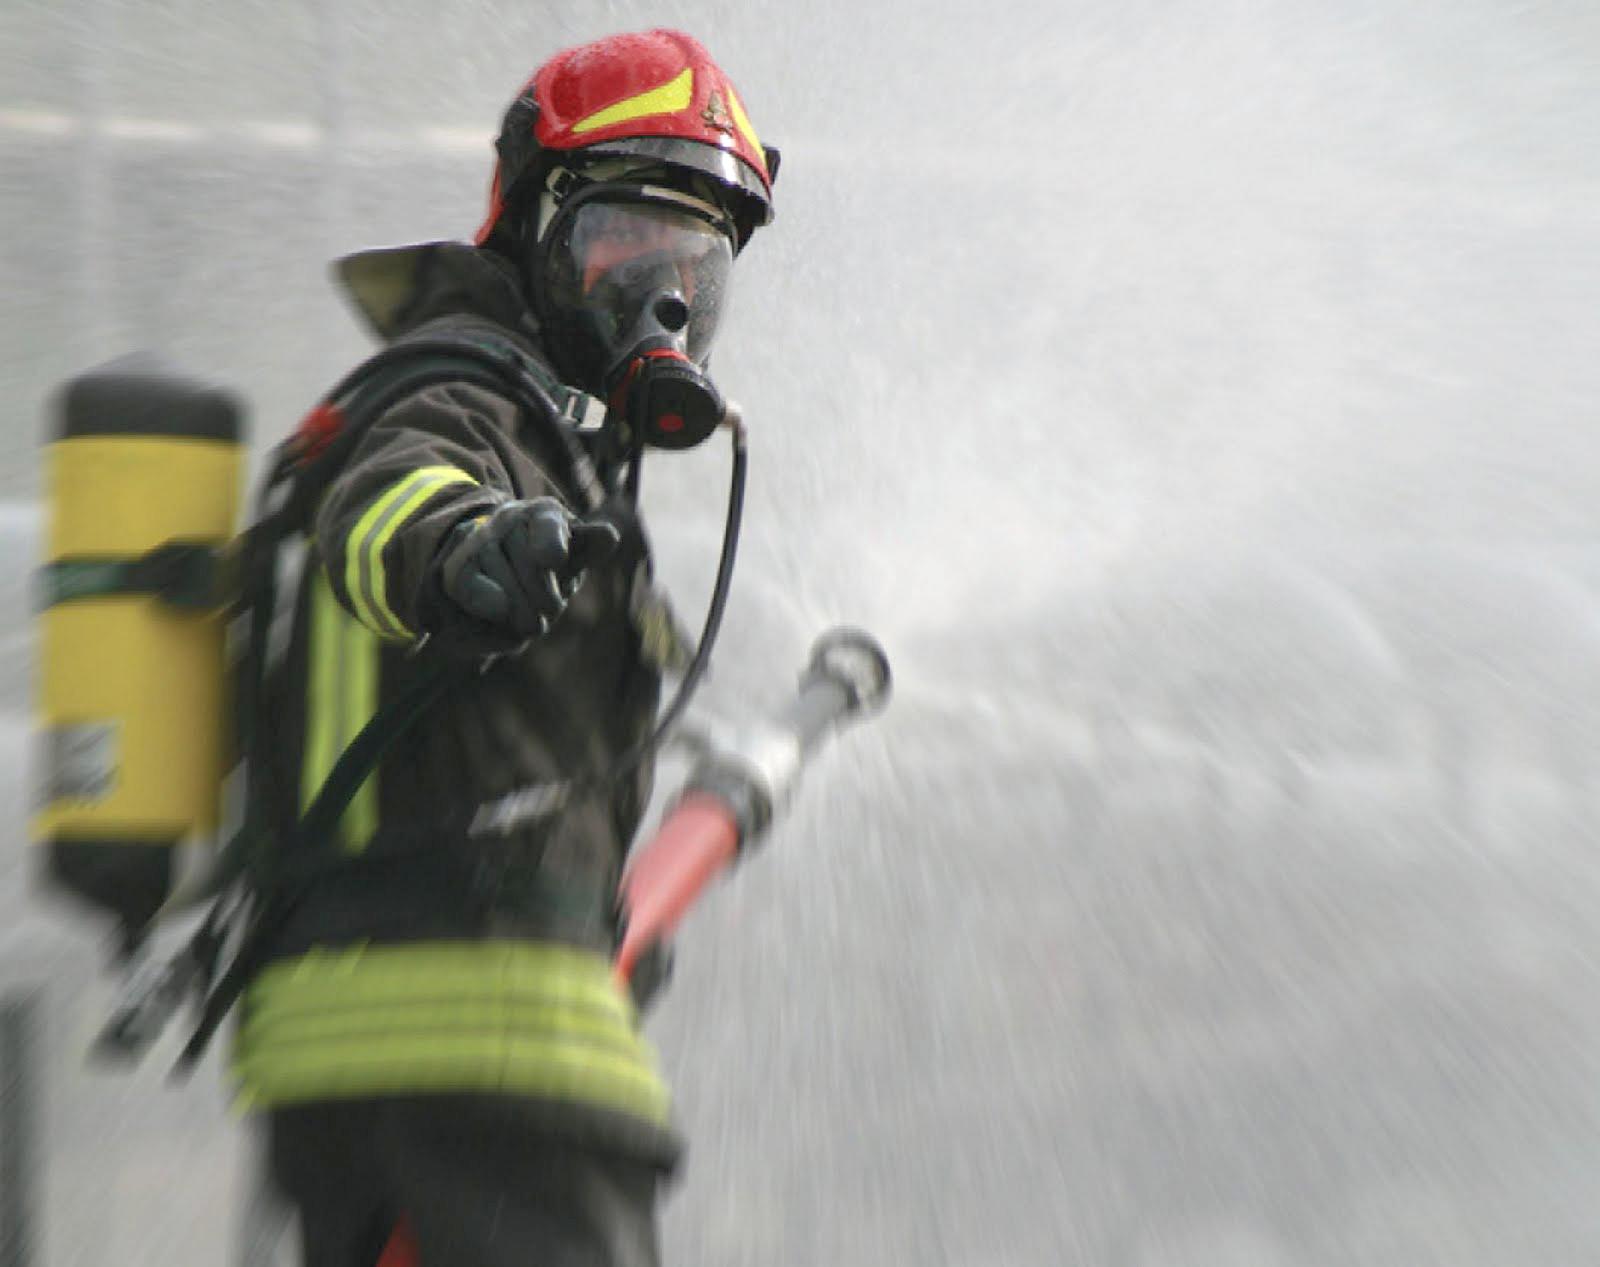 Intimidazioni col fuoco a Siracusa, in fiamme un'autofficina e un'auto